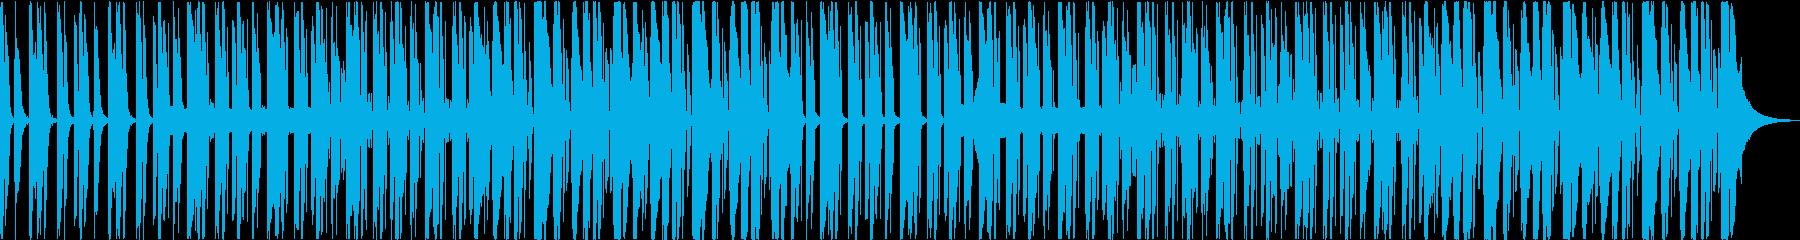 ウキウキな春のほのぼのローファイポップスの再生済みの波形